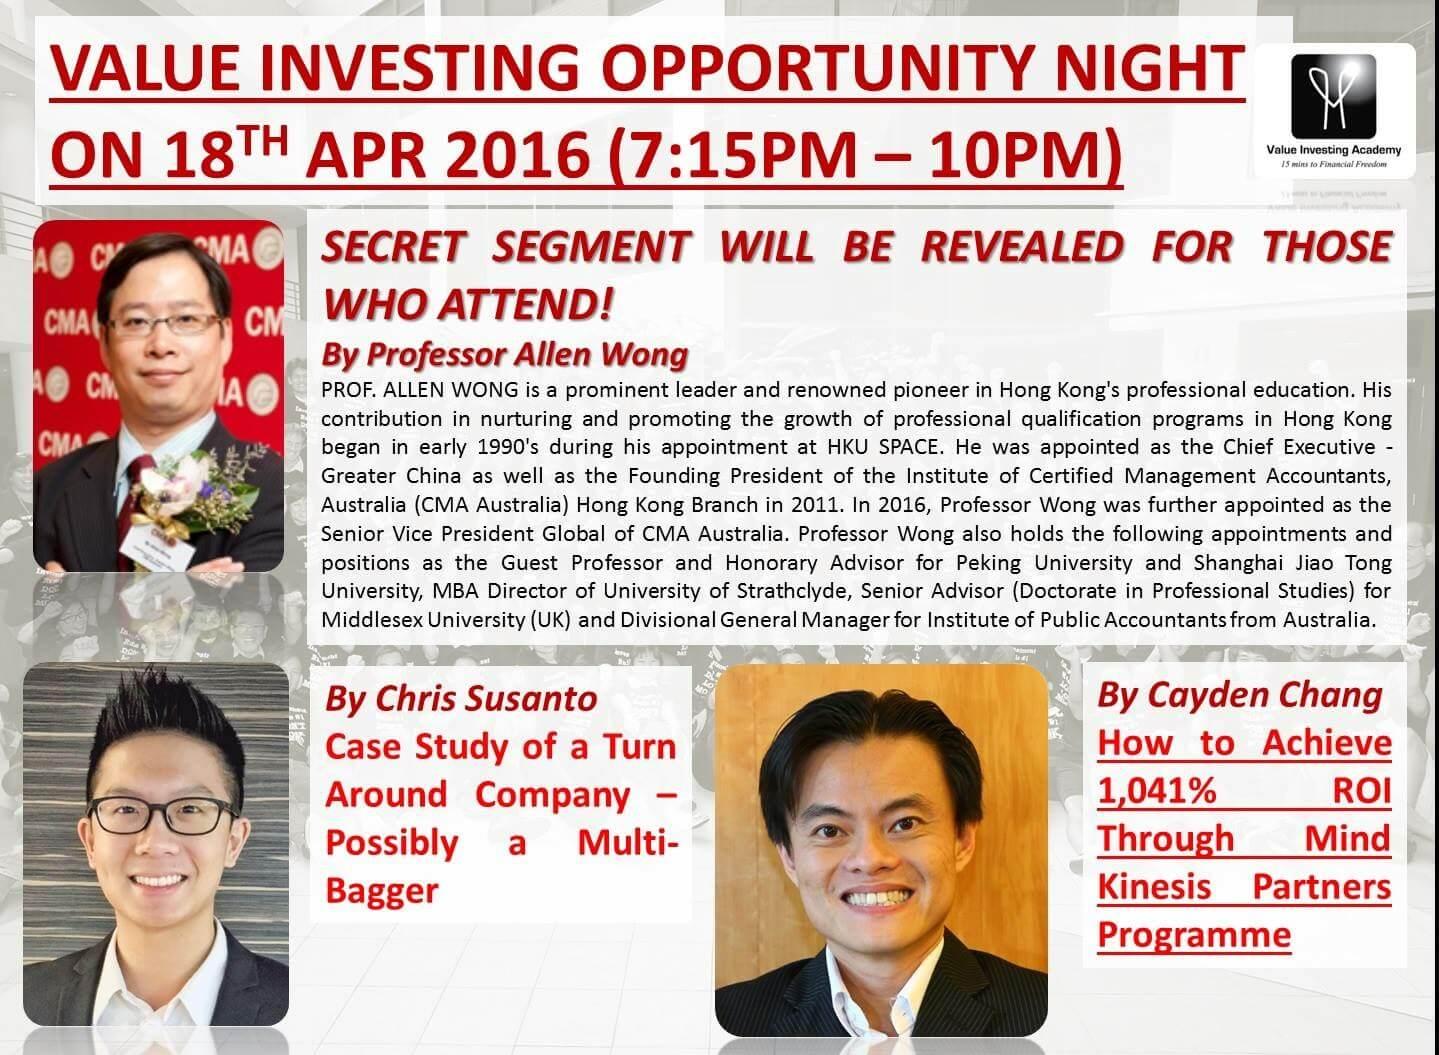 Spoke Alongside Prof. Allen and Cayden, Director of Mind Kinesis